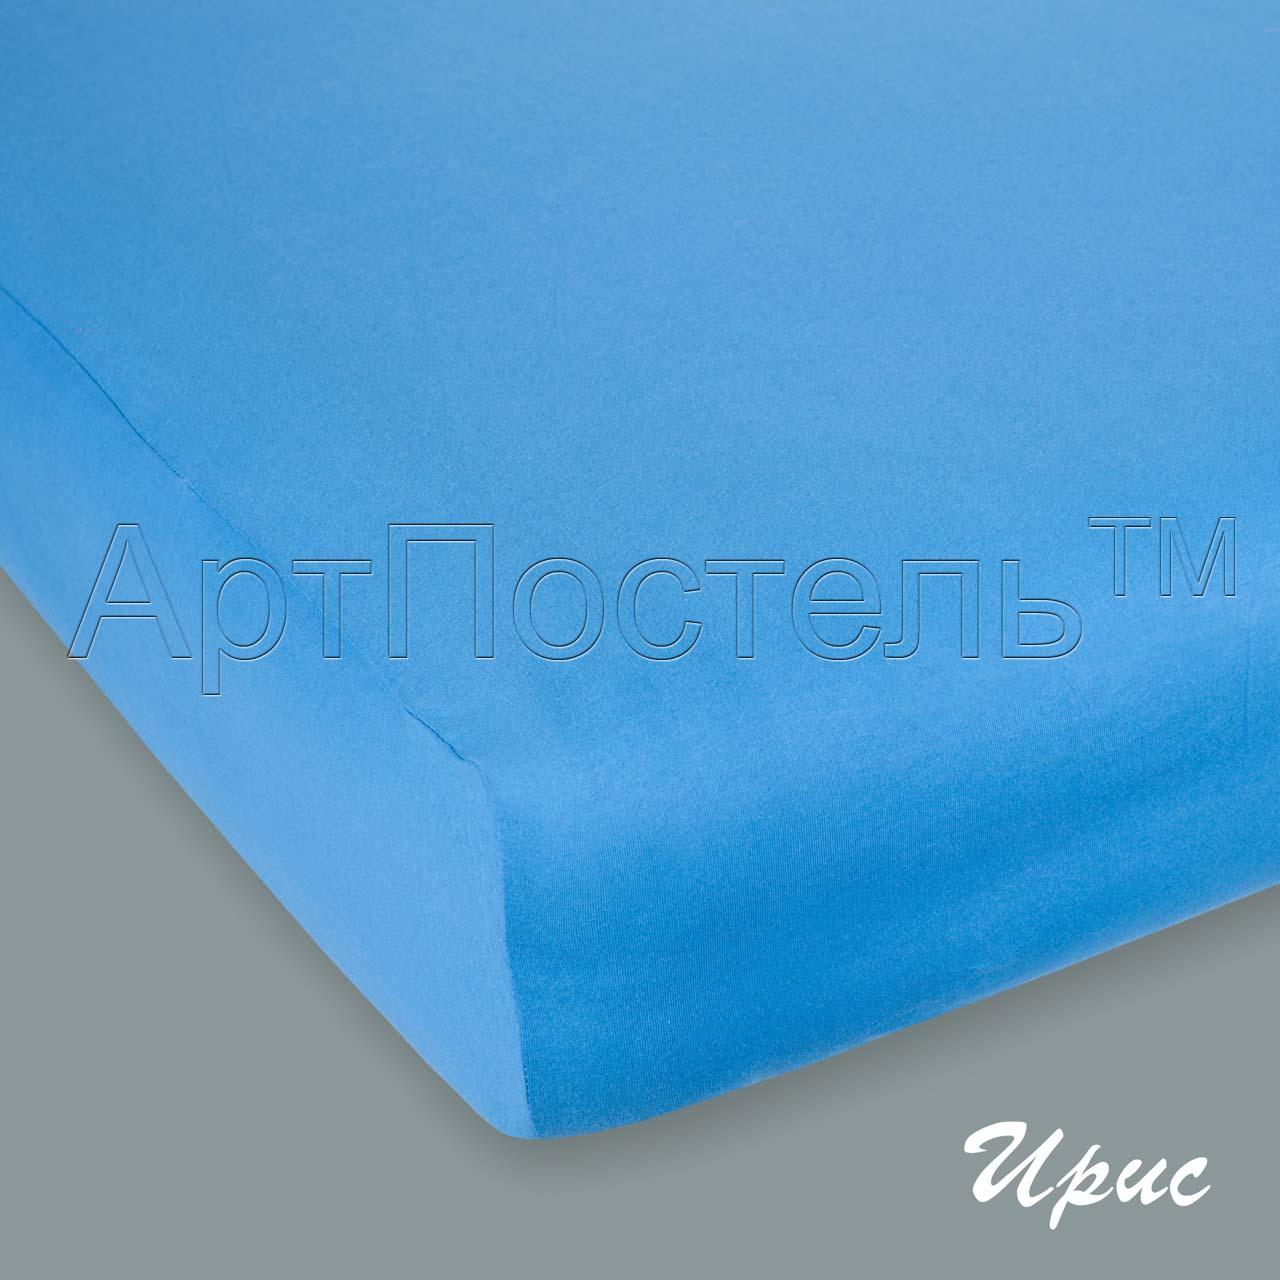 Простыня на резинке Ирис, размер 140х200 смПростыни<br>Плотность ткани: 145 г/кв. м <br>Высота матраса: 20 см<br><br>Тип: Простыня<br>Размер: 140х200<br>Материал: Кулирка